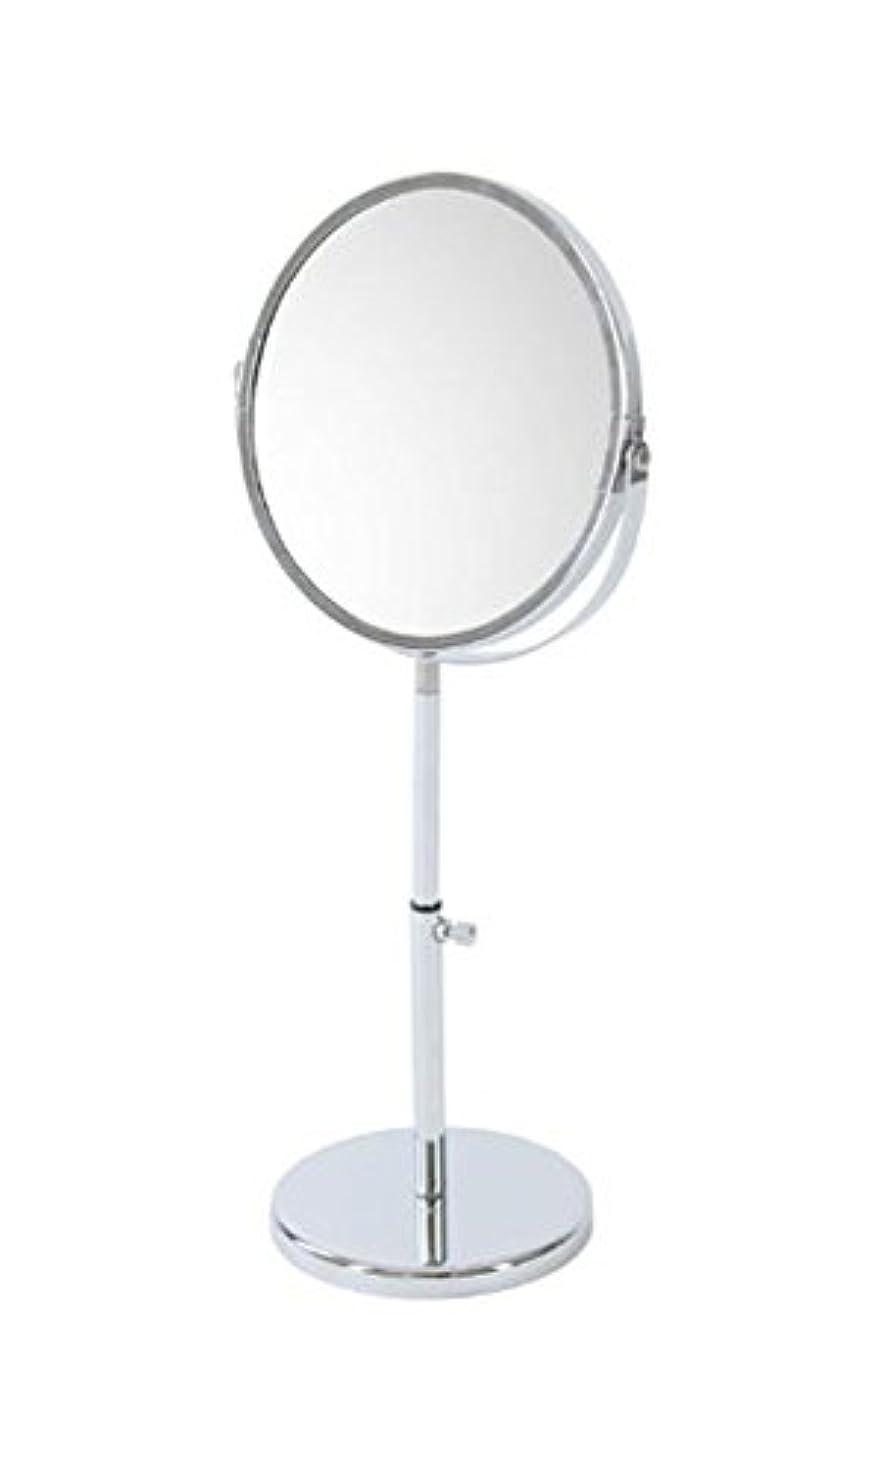 冷える白菜カウボーイnarumikk メイクアップミラー 拡大鏡付き 高さ調節可能 26- 800